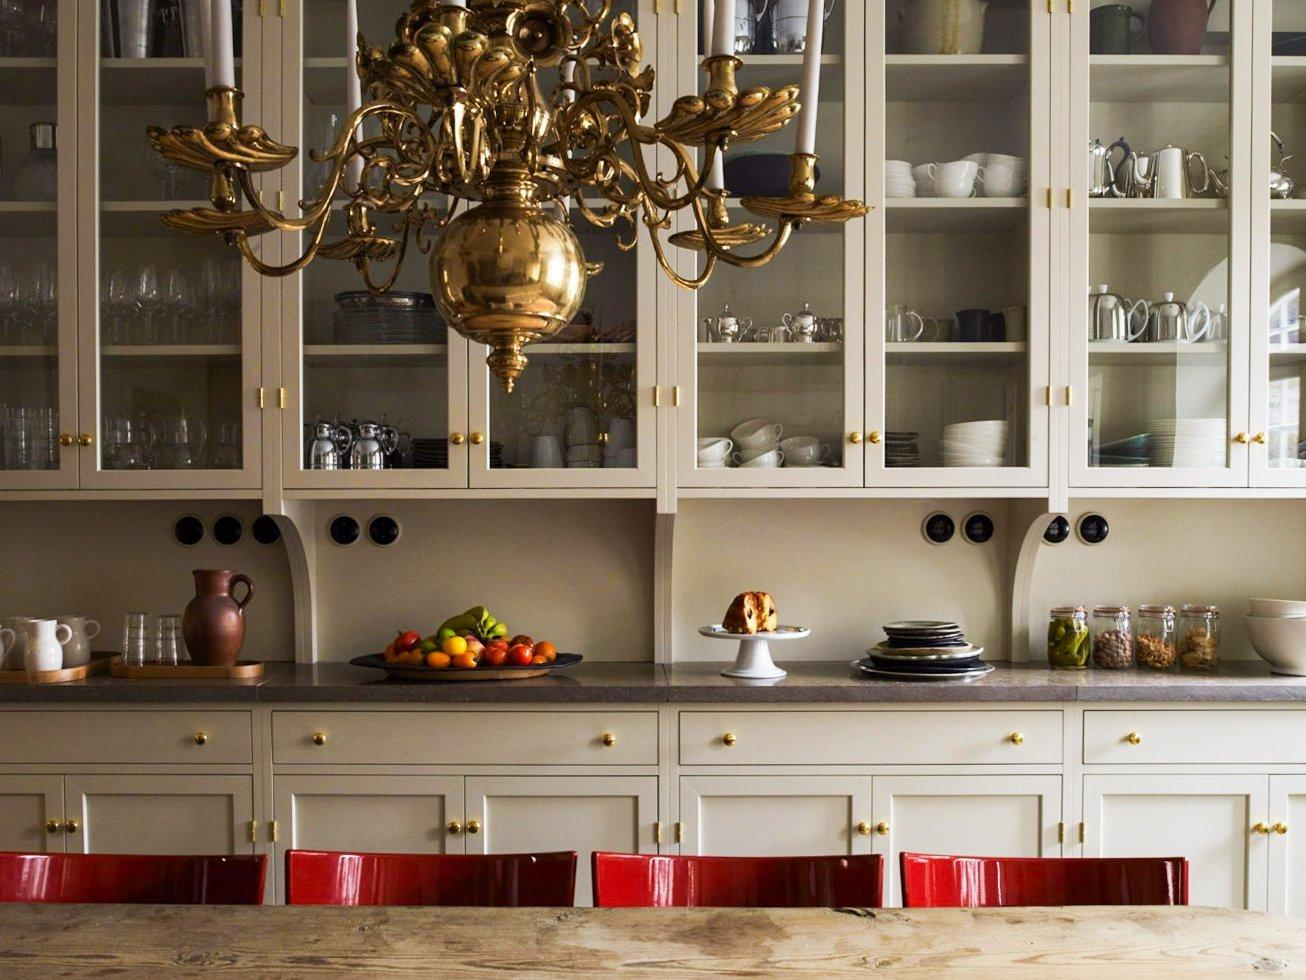 Ett Hem kitchen boutique hotel